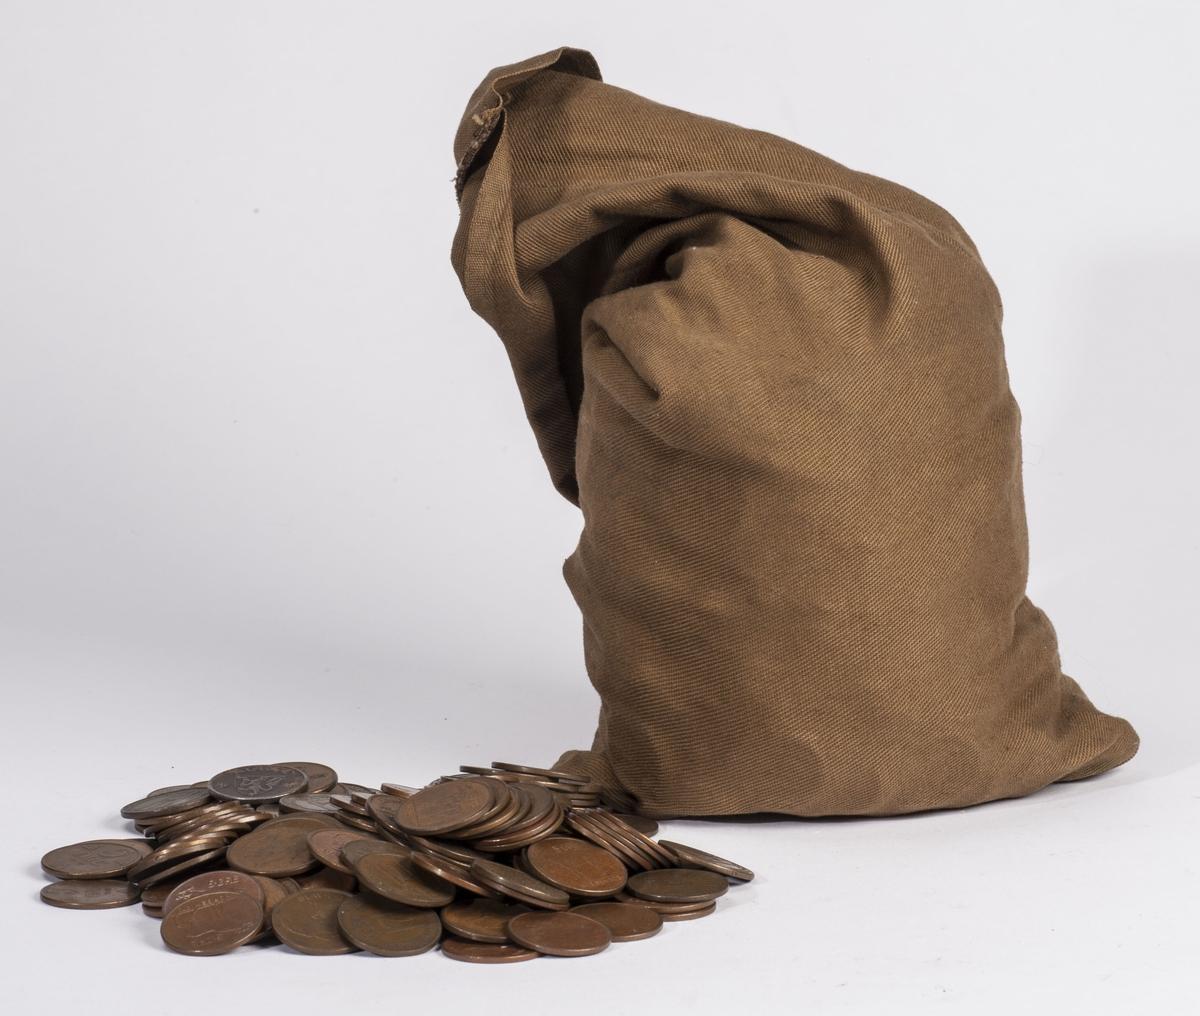 Avlang tøypose som inneholder 919 mynter.